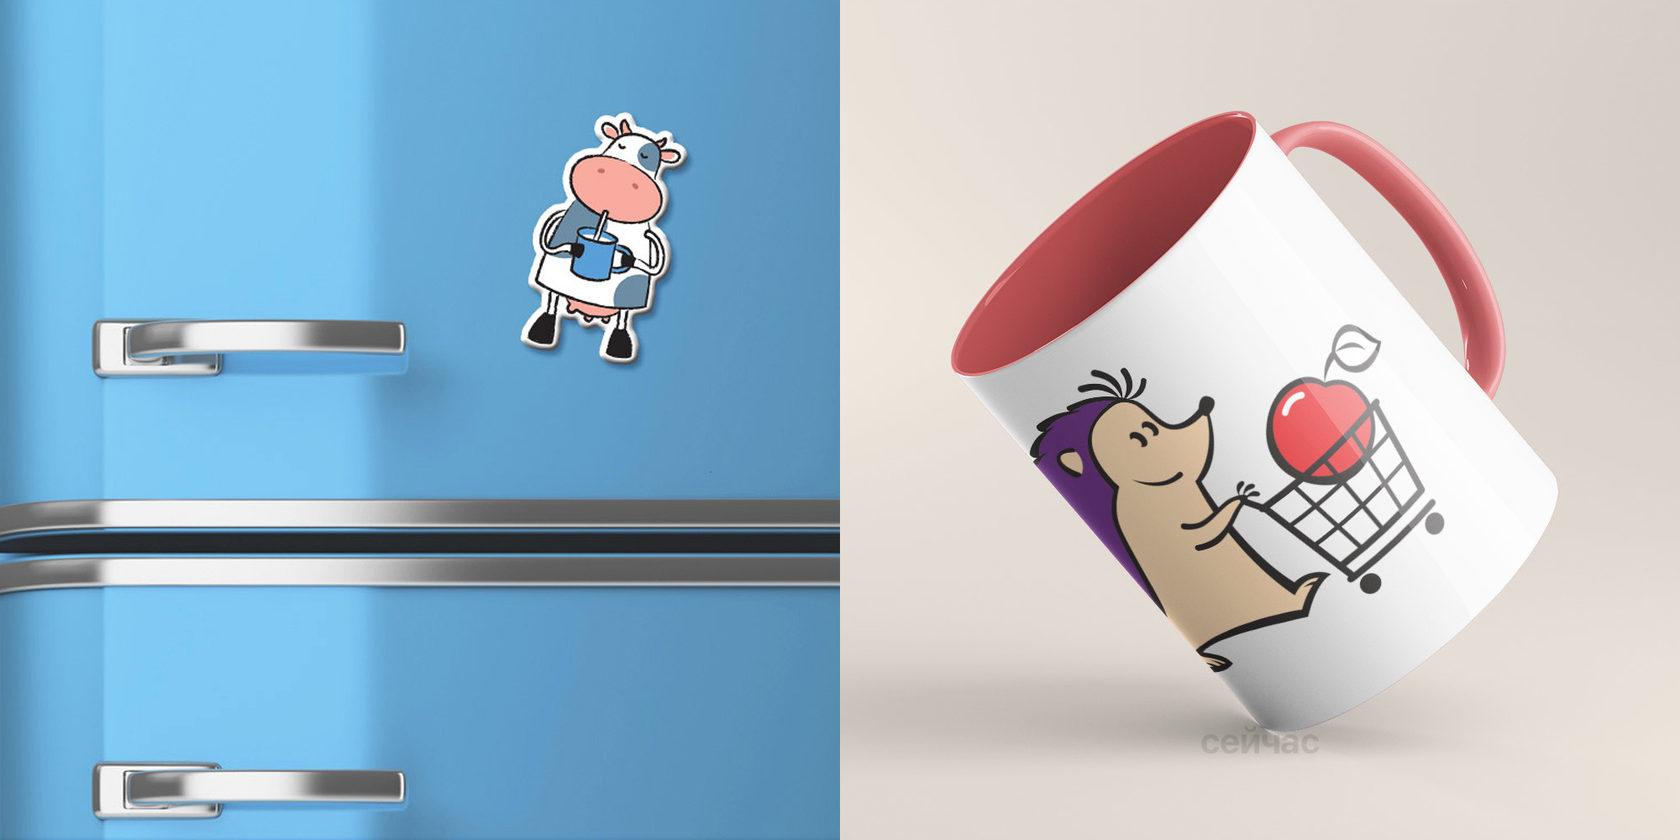 Слева — коровка гедонист Сливка для молочных продуктов, справа — ежик-талисман для сети продуктовой сети «Ходидей-Классик»